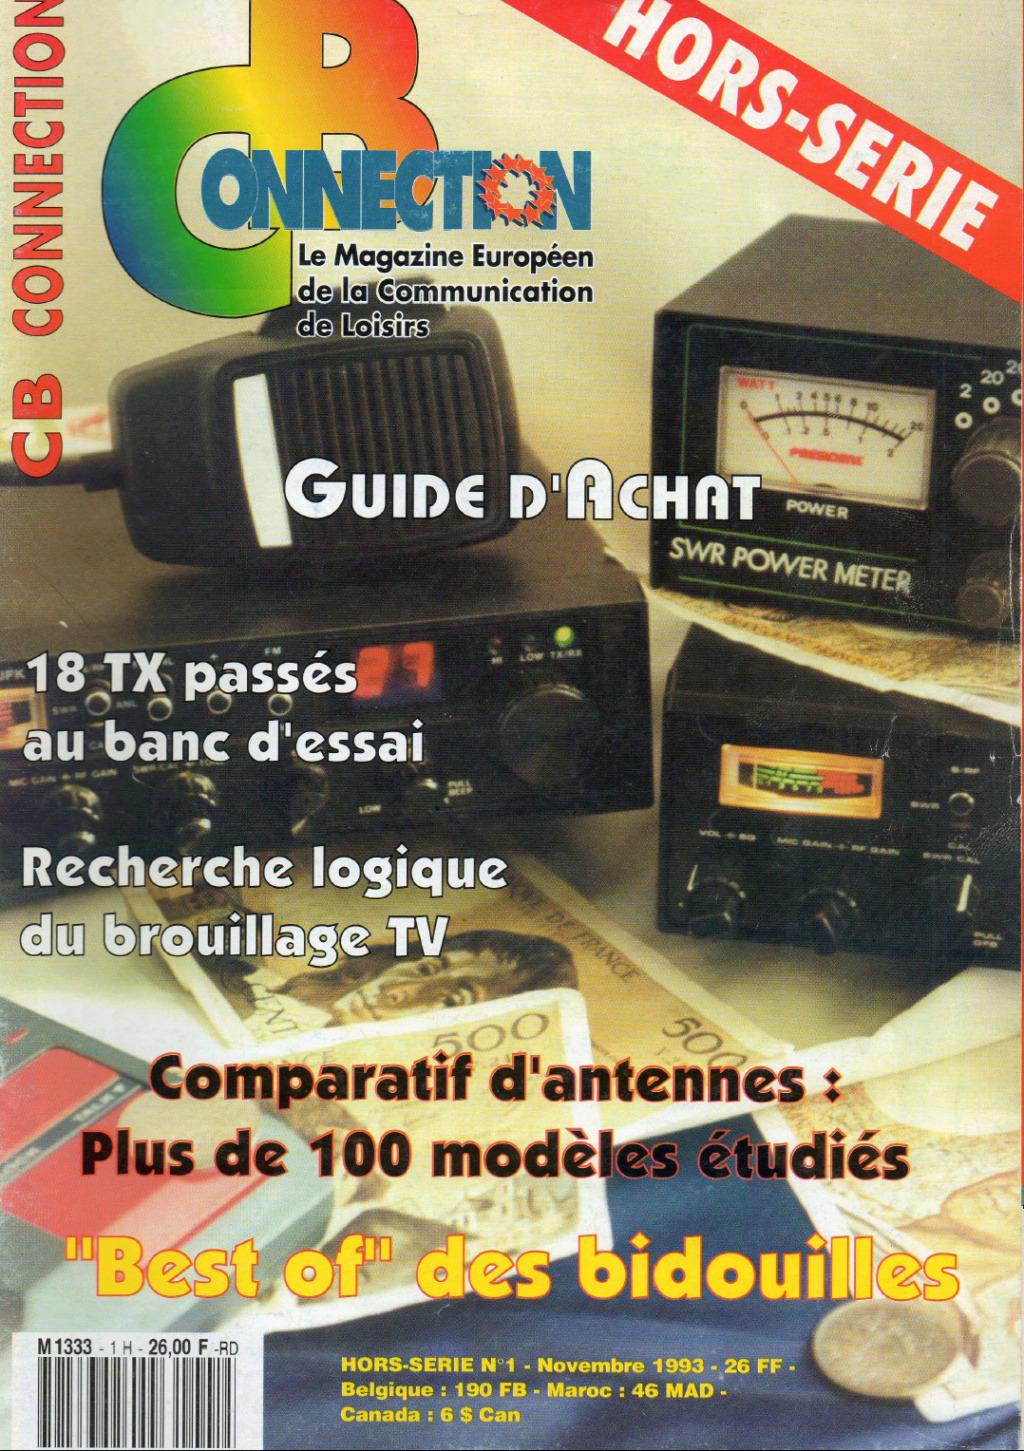 CB Connection (Magazine (Fr.) - Page 4 Captu300